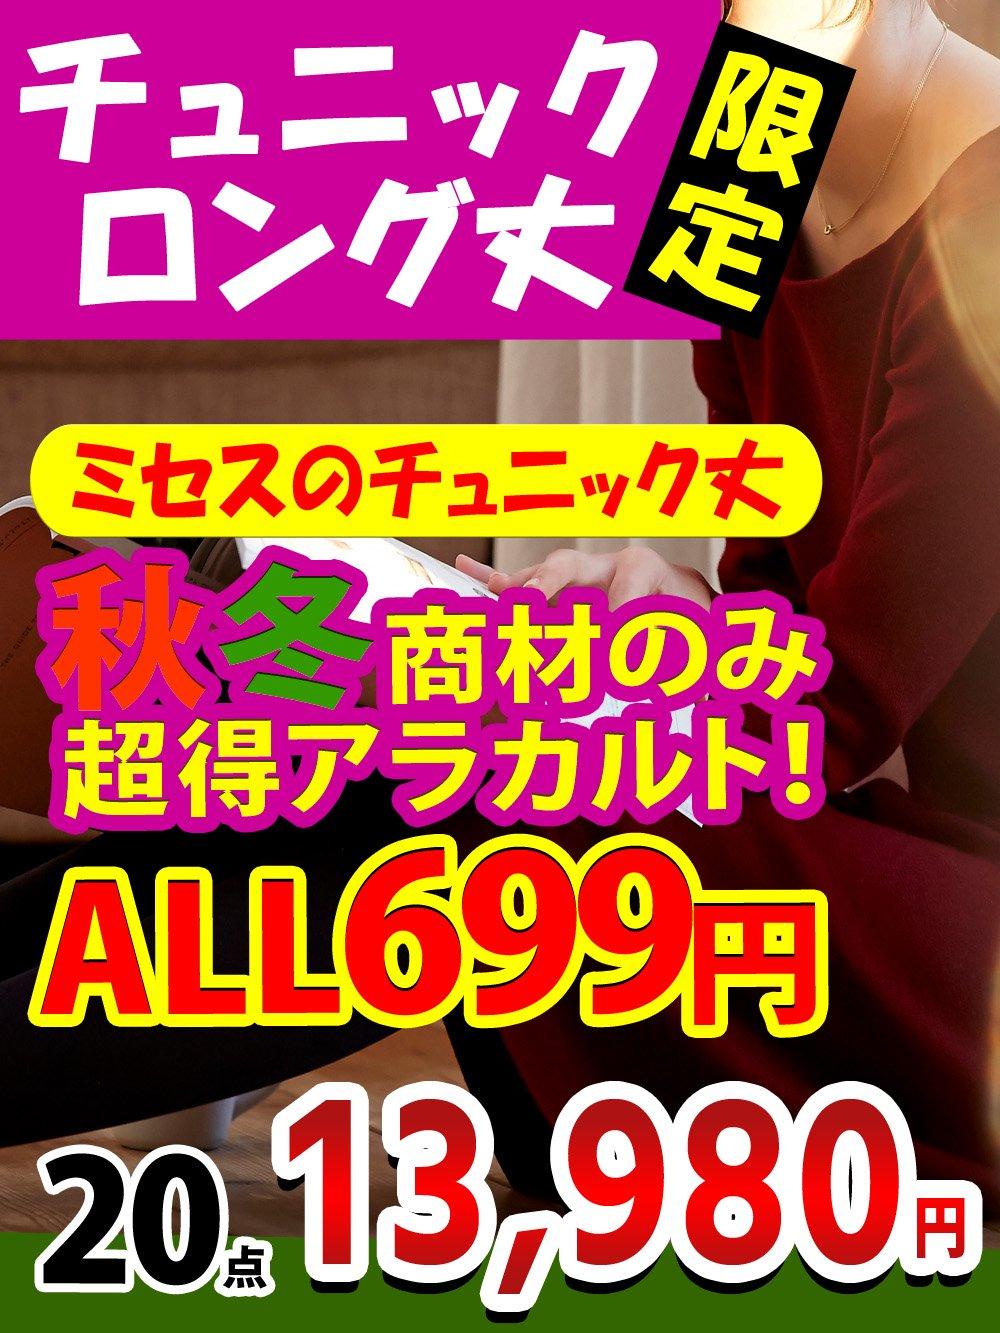 【チュニック・ロング丈限定】ミセスのチュニック丈秋冬商材のみの超得アラカルト!【20点】@699